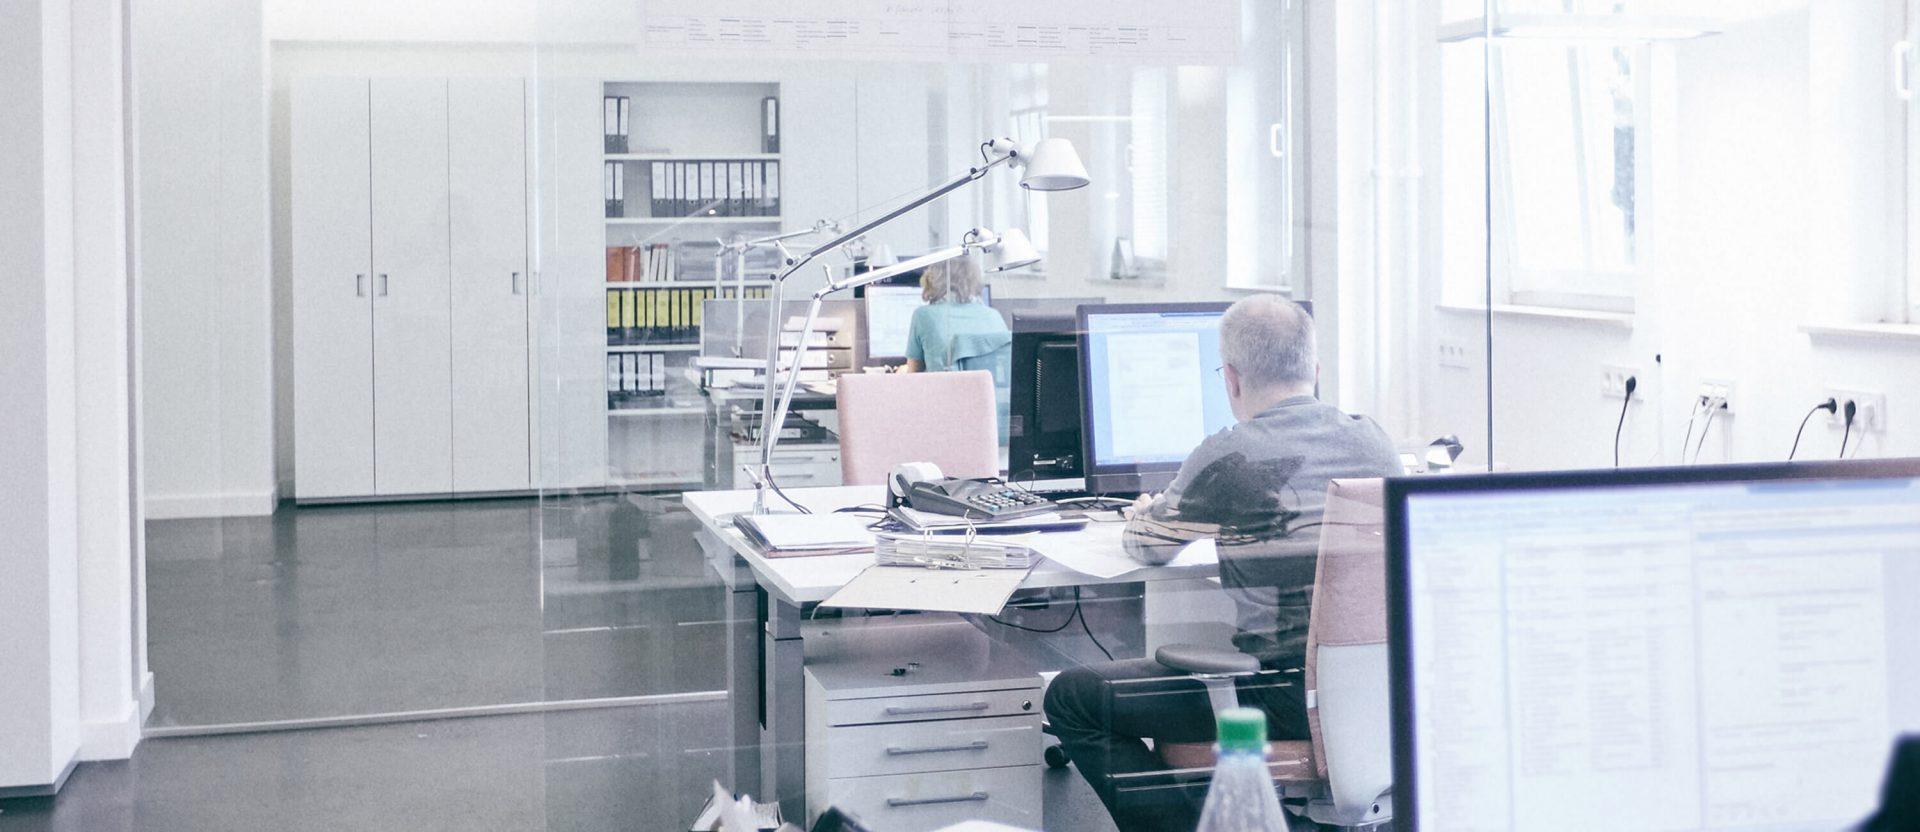 Helle und offene Büroräume der Mitarbeiter in Steuerkanzlei